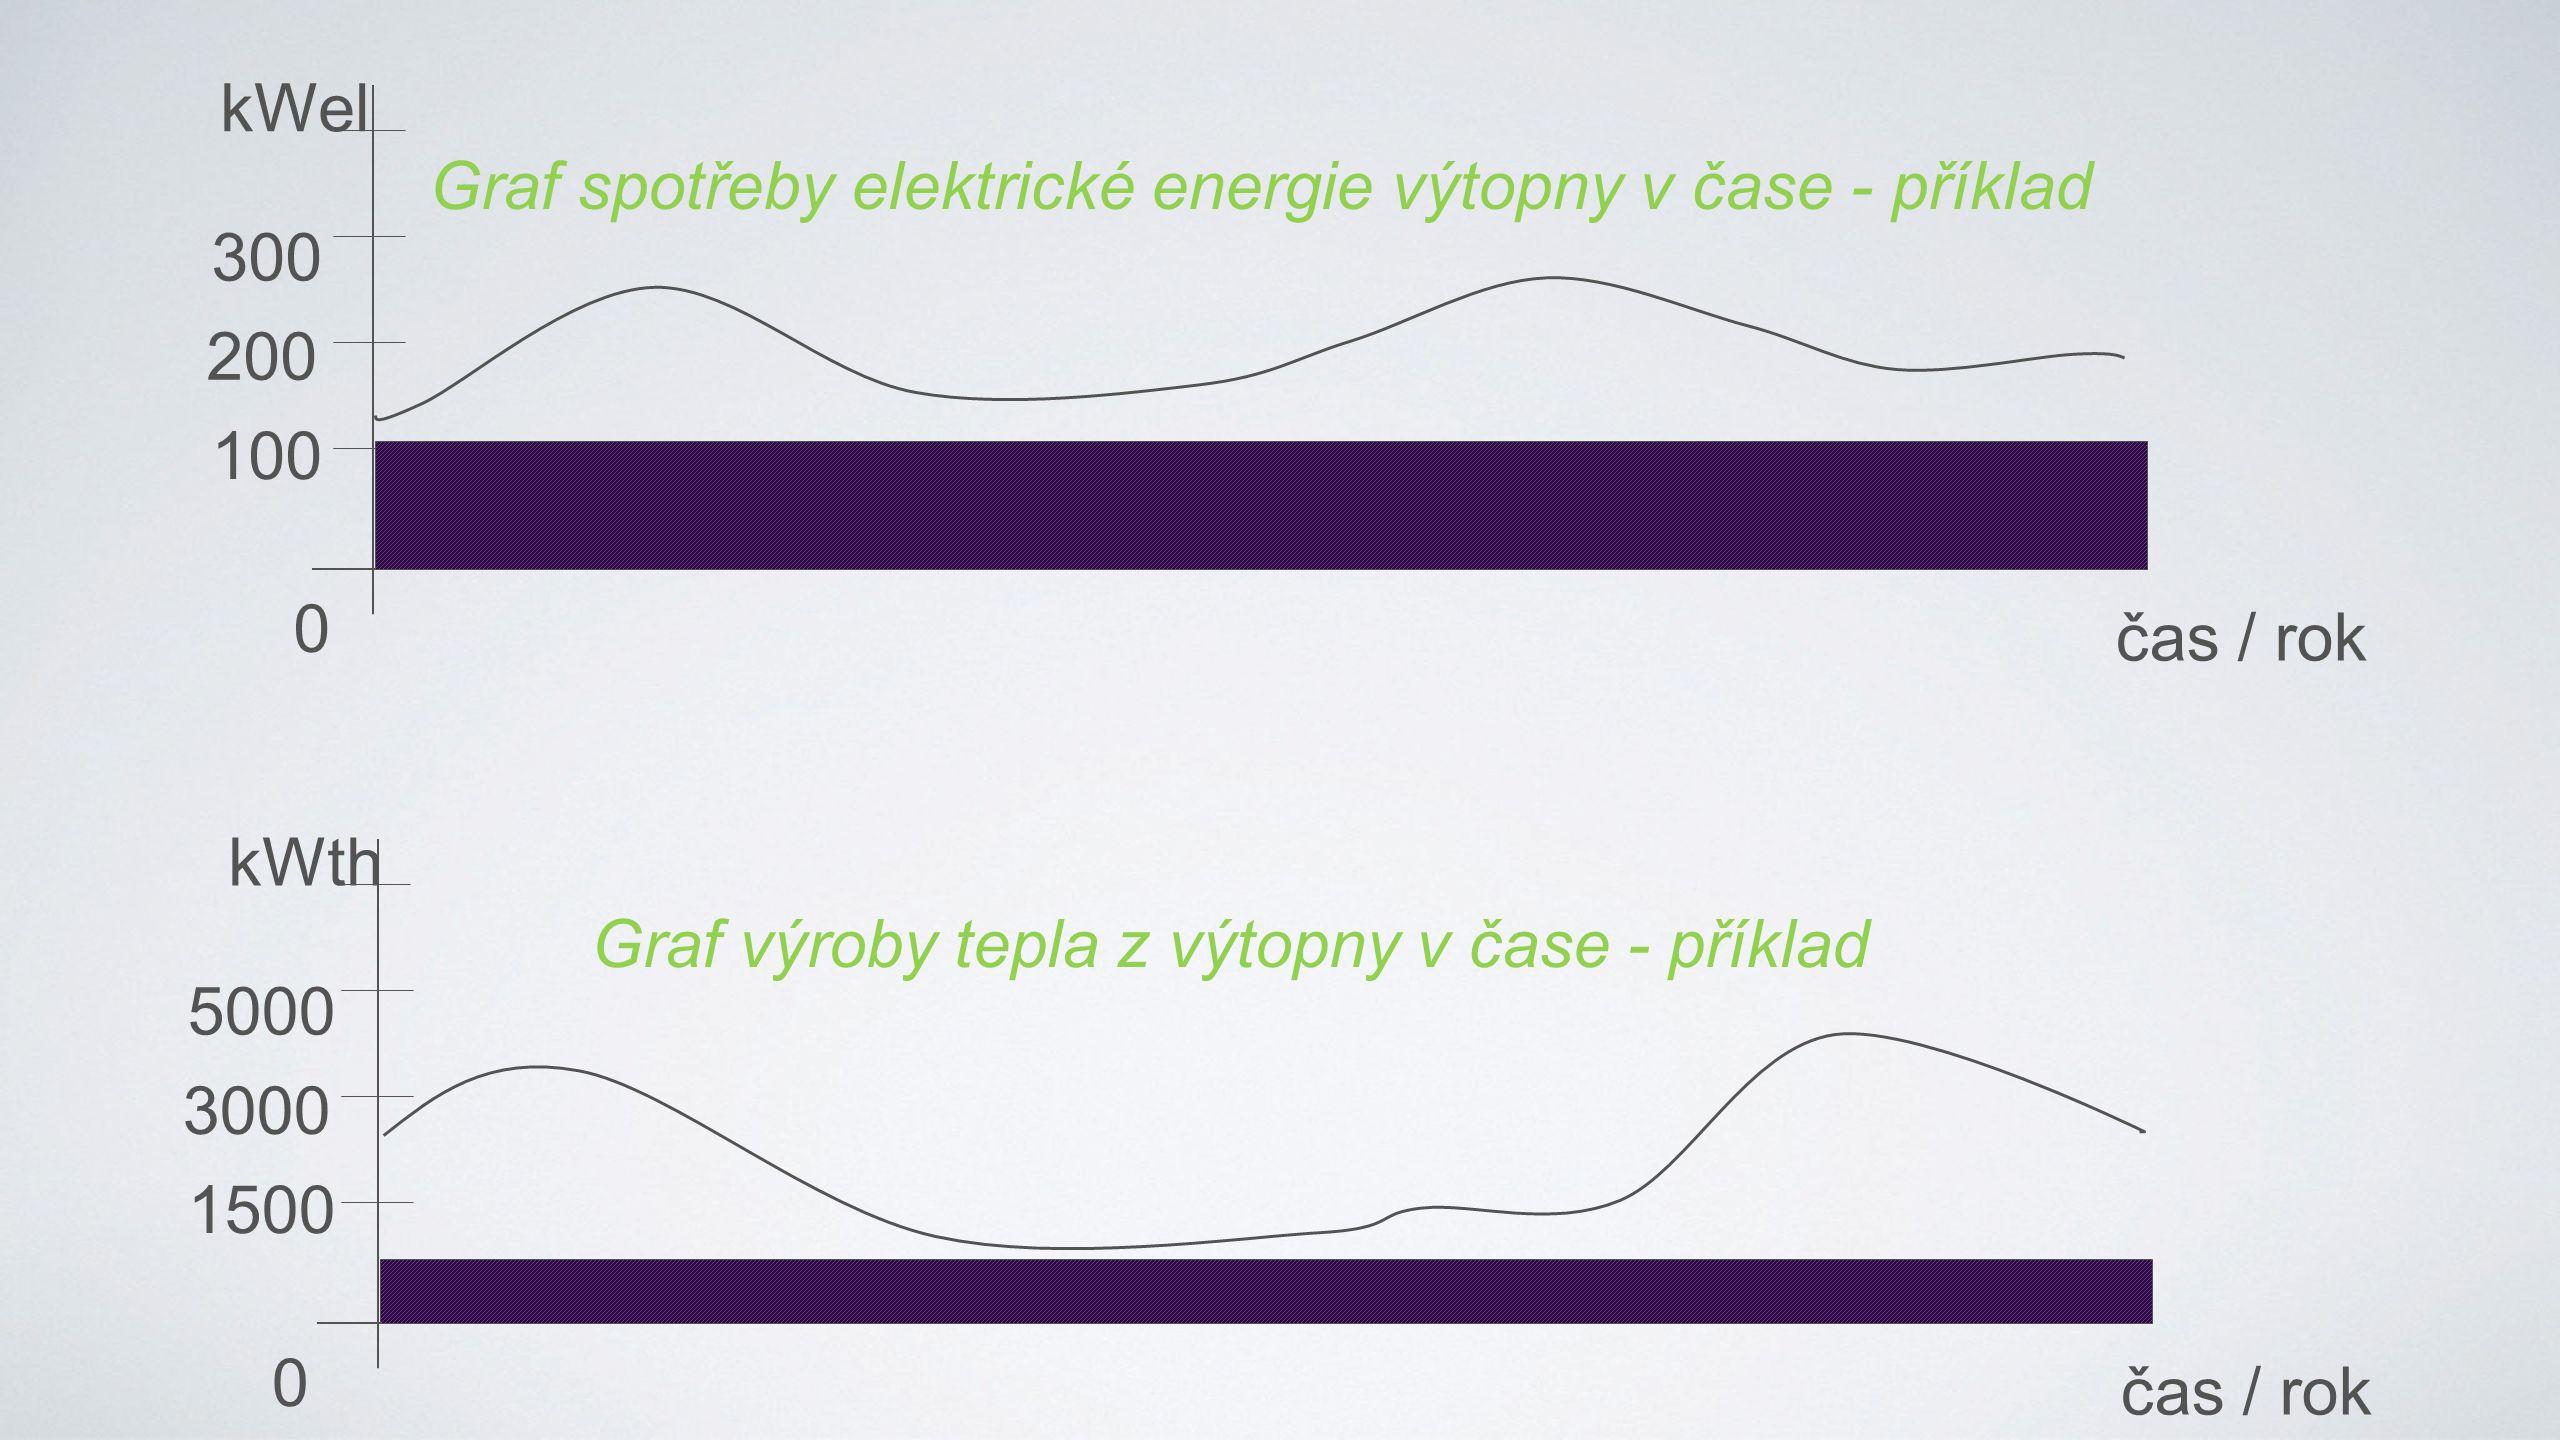 0 100 200 300 kWel čas / rok Graf spotřeby elektrické energie výtopny v čase - příklad 0 1500 3000 5000 kWth čas / rok Graf výroby tepla z výtopny v čase - příklad